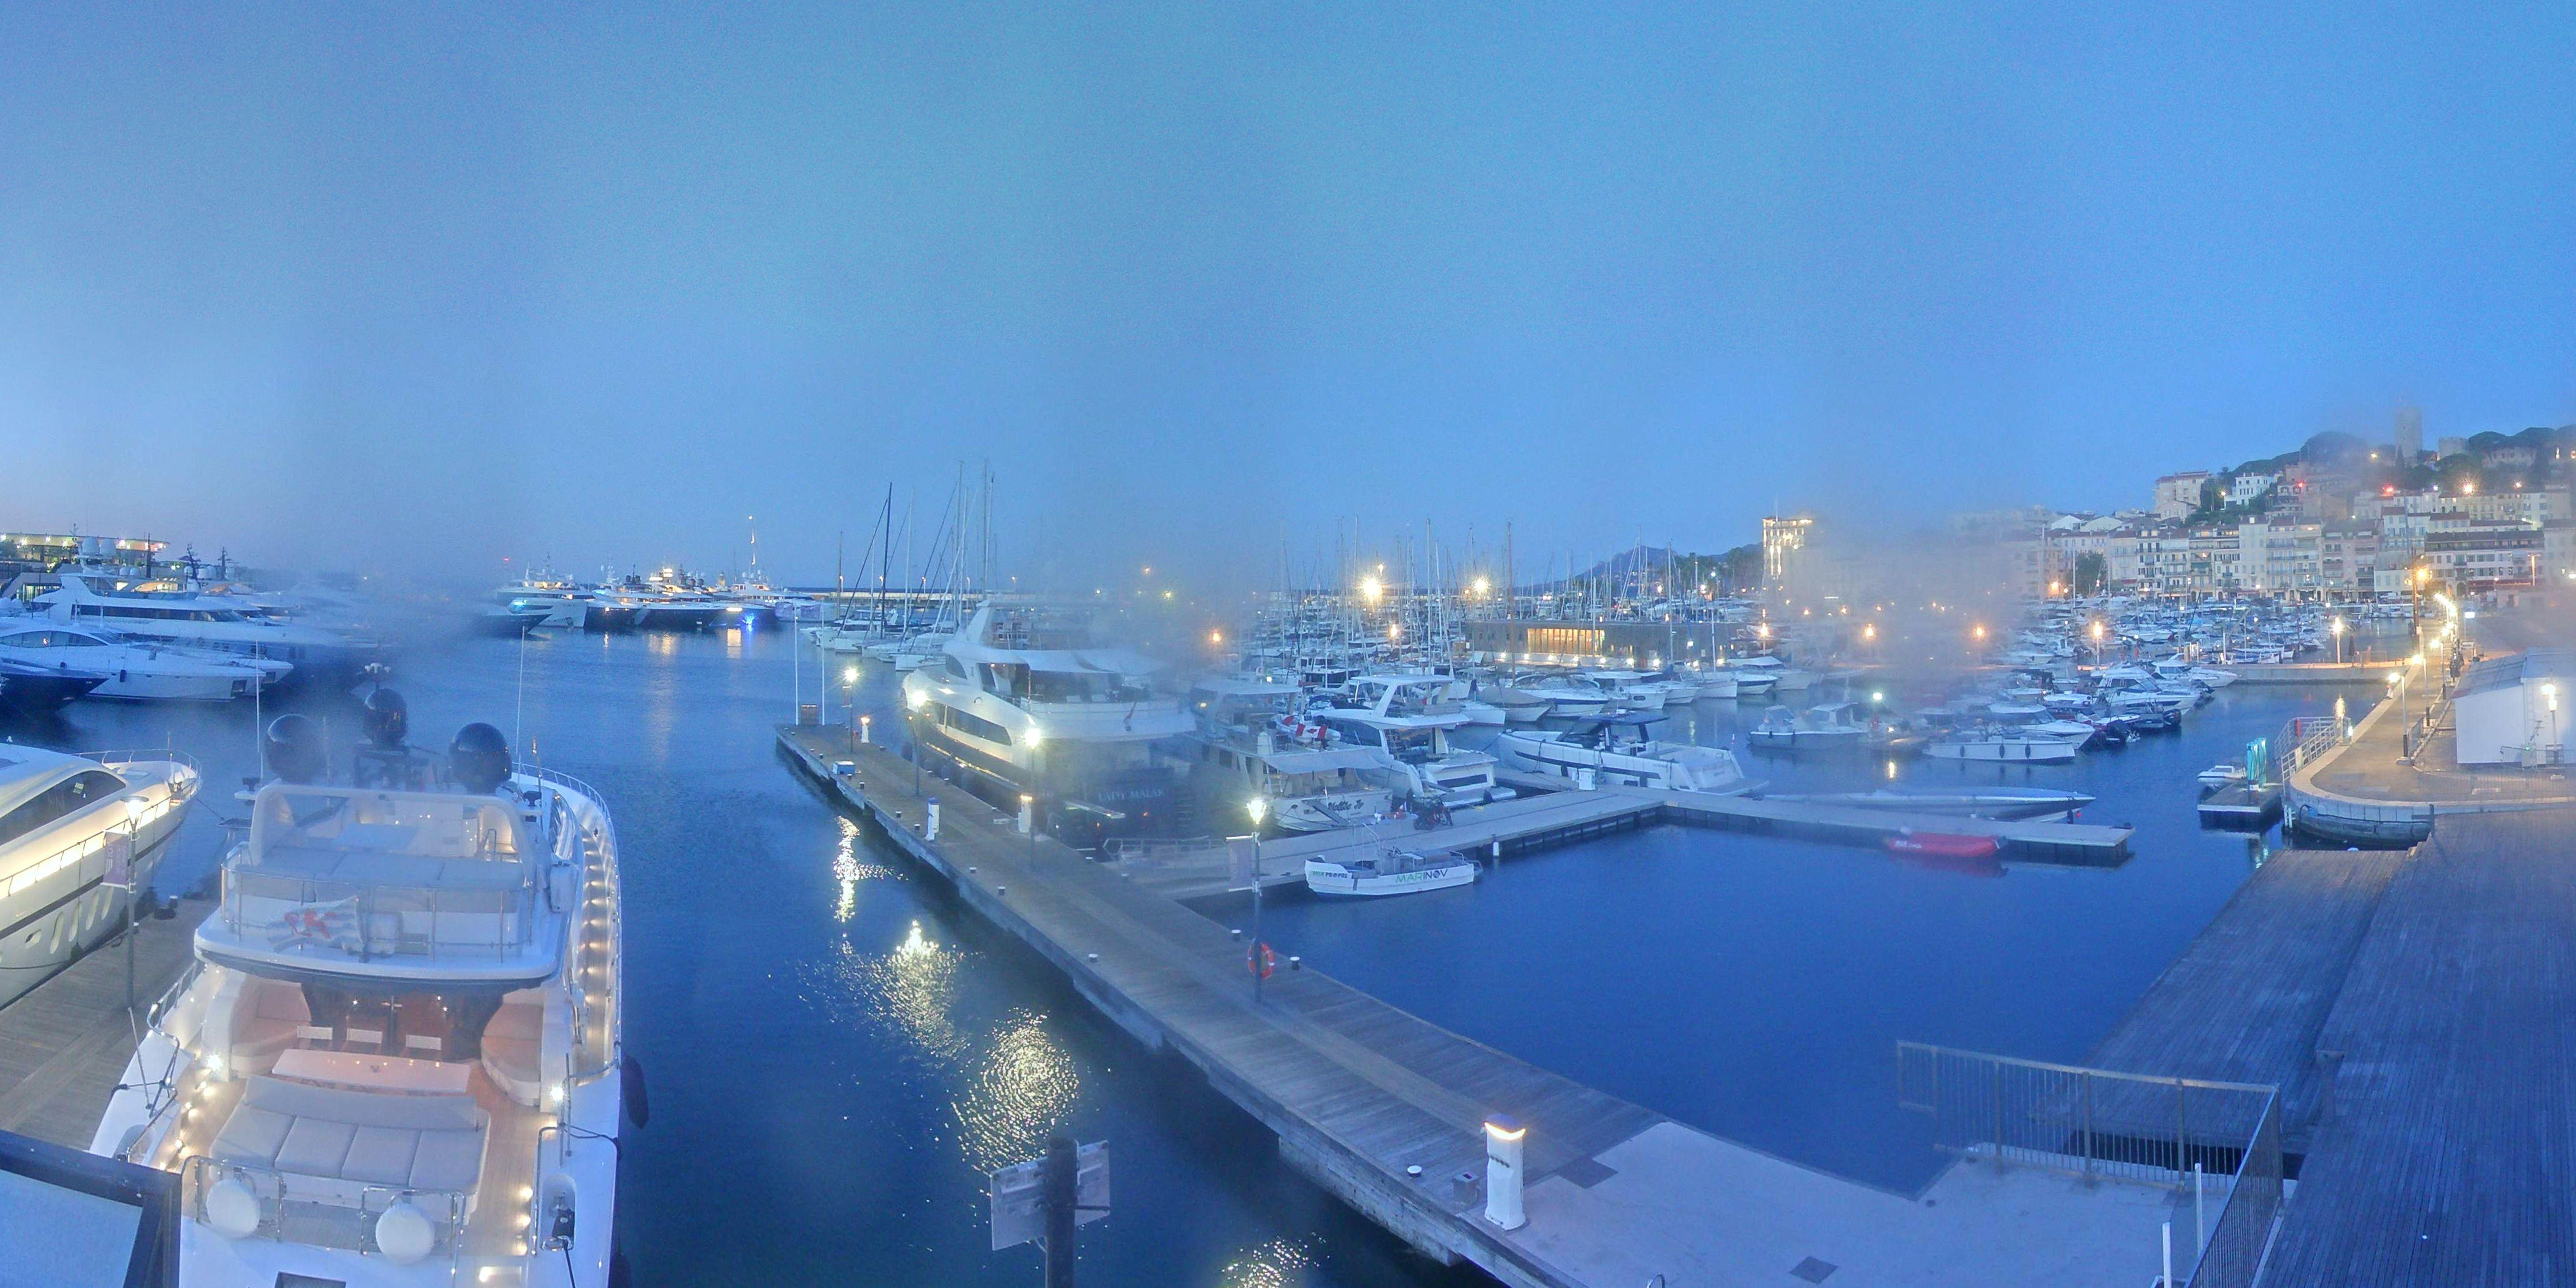 Cannes Di. 07:36